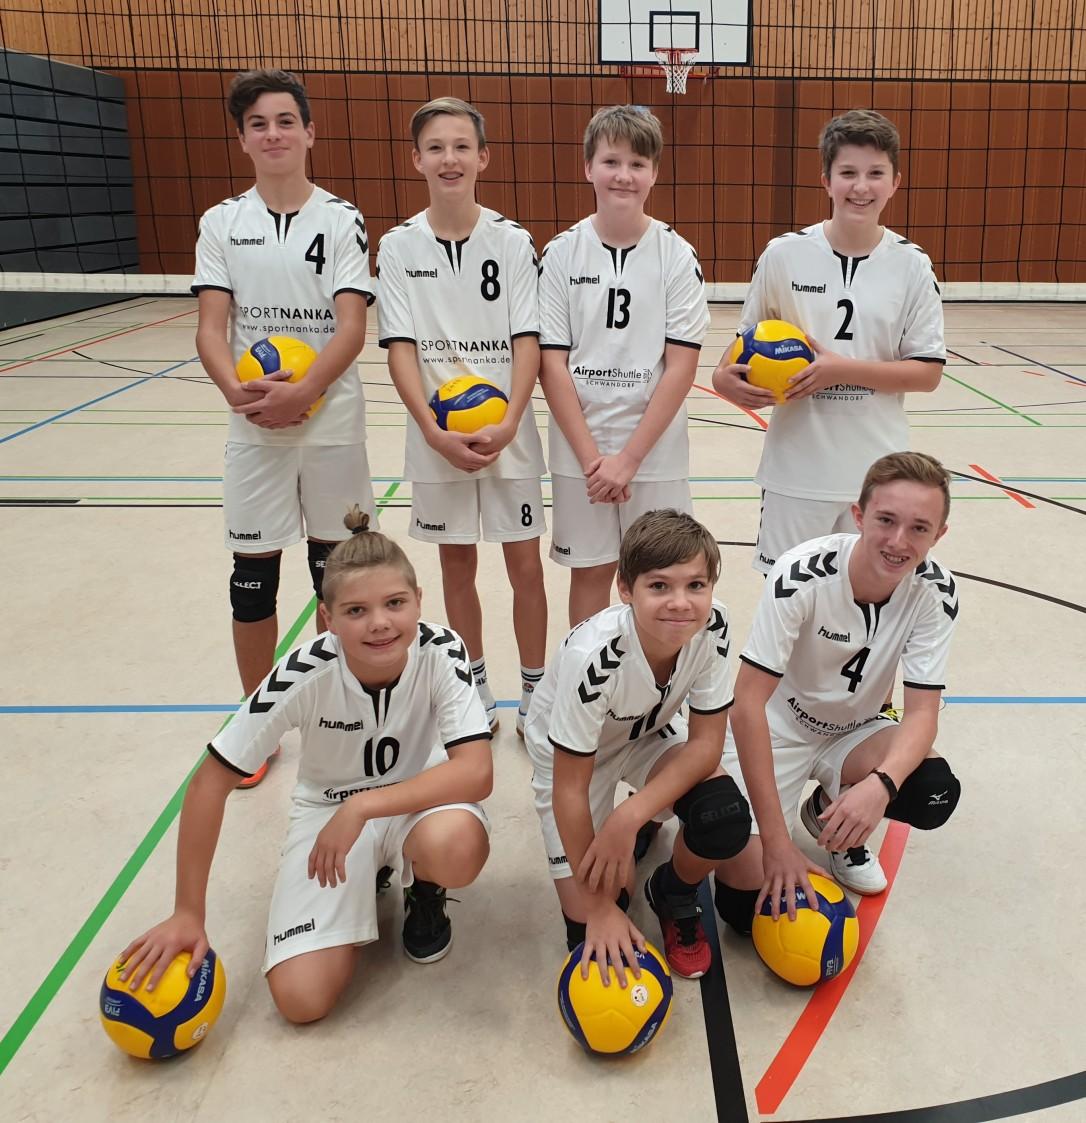 U16SpieltagParsbergh